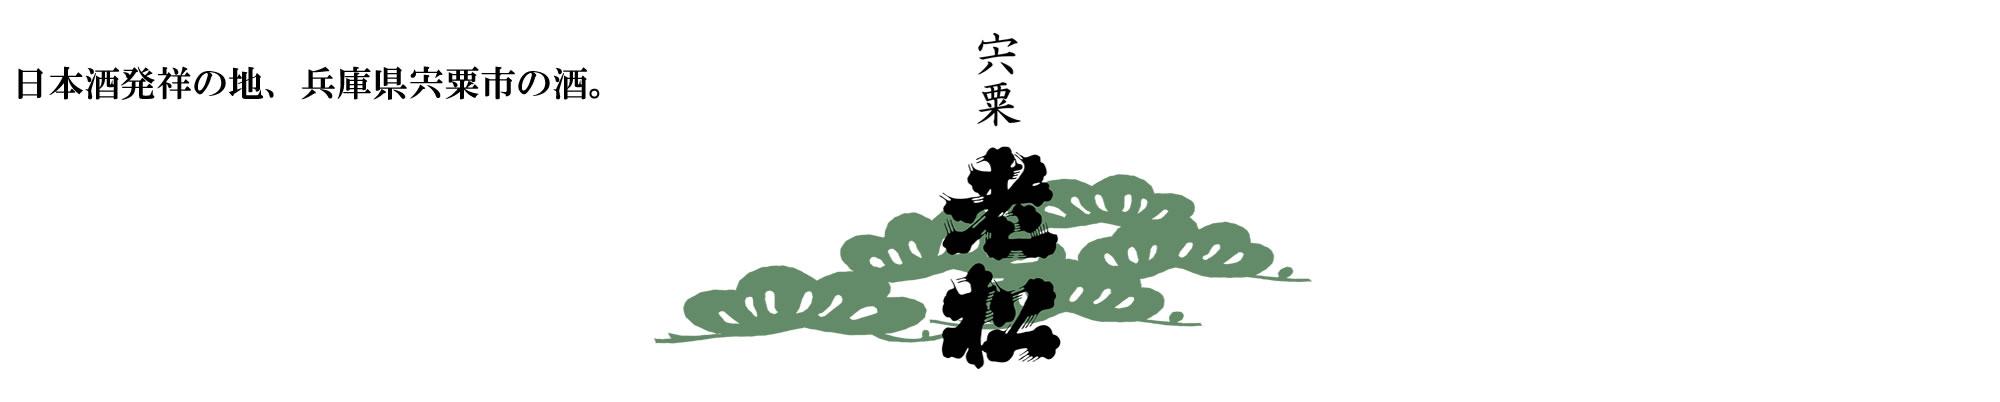 日本酒発祥の地 兵庫県宍粟市老松酒造